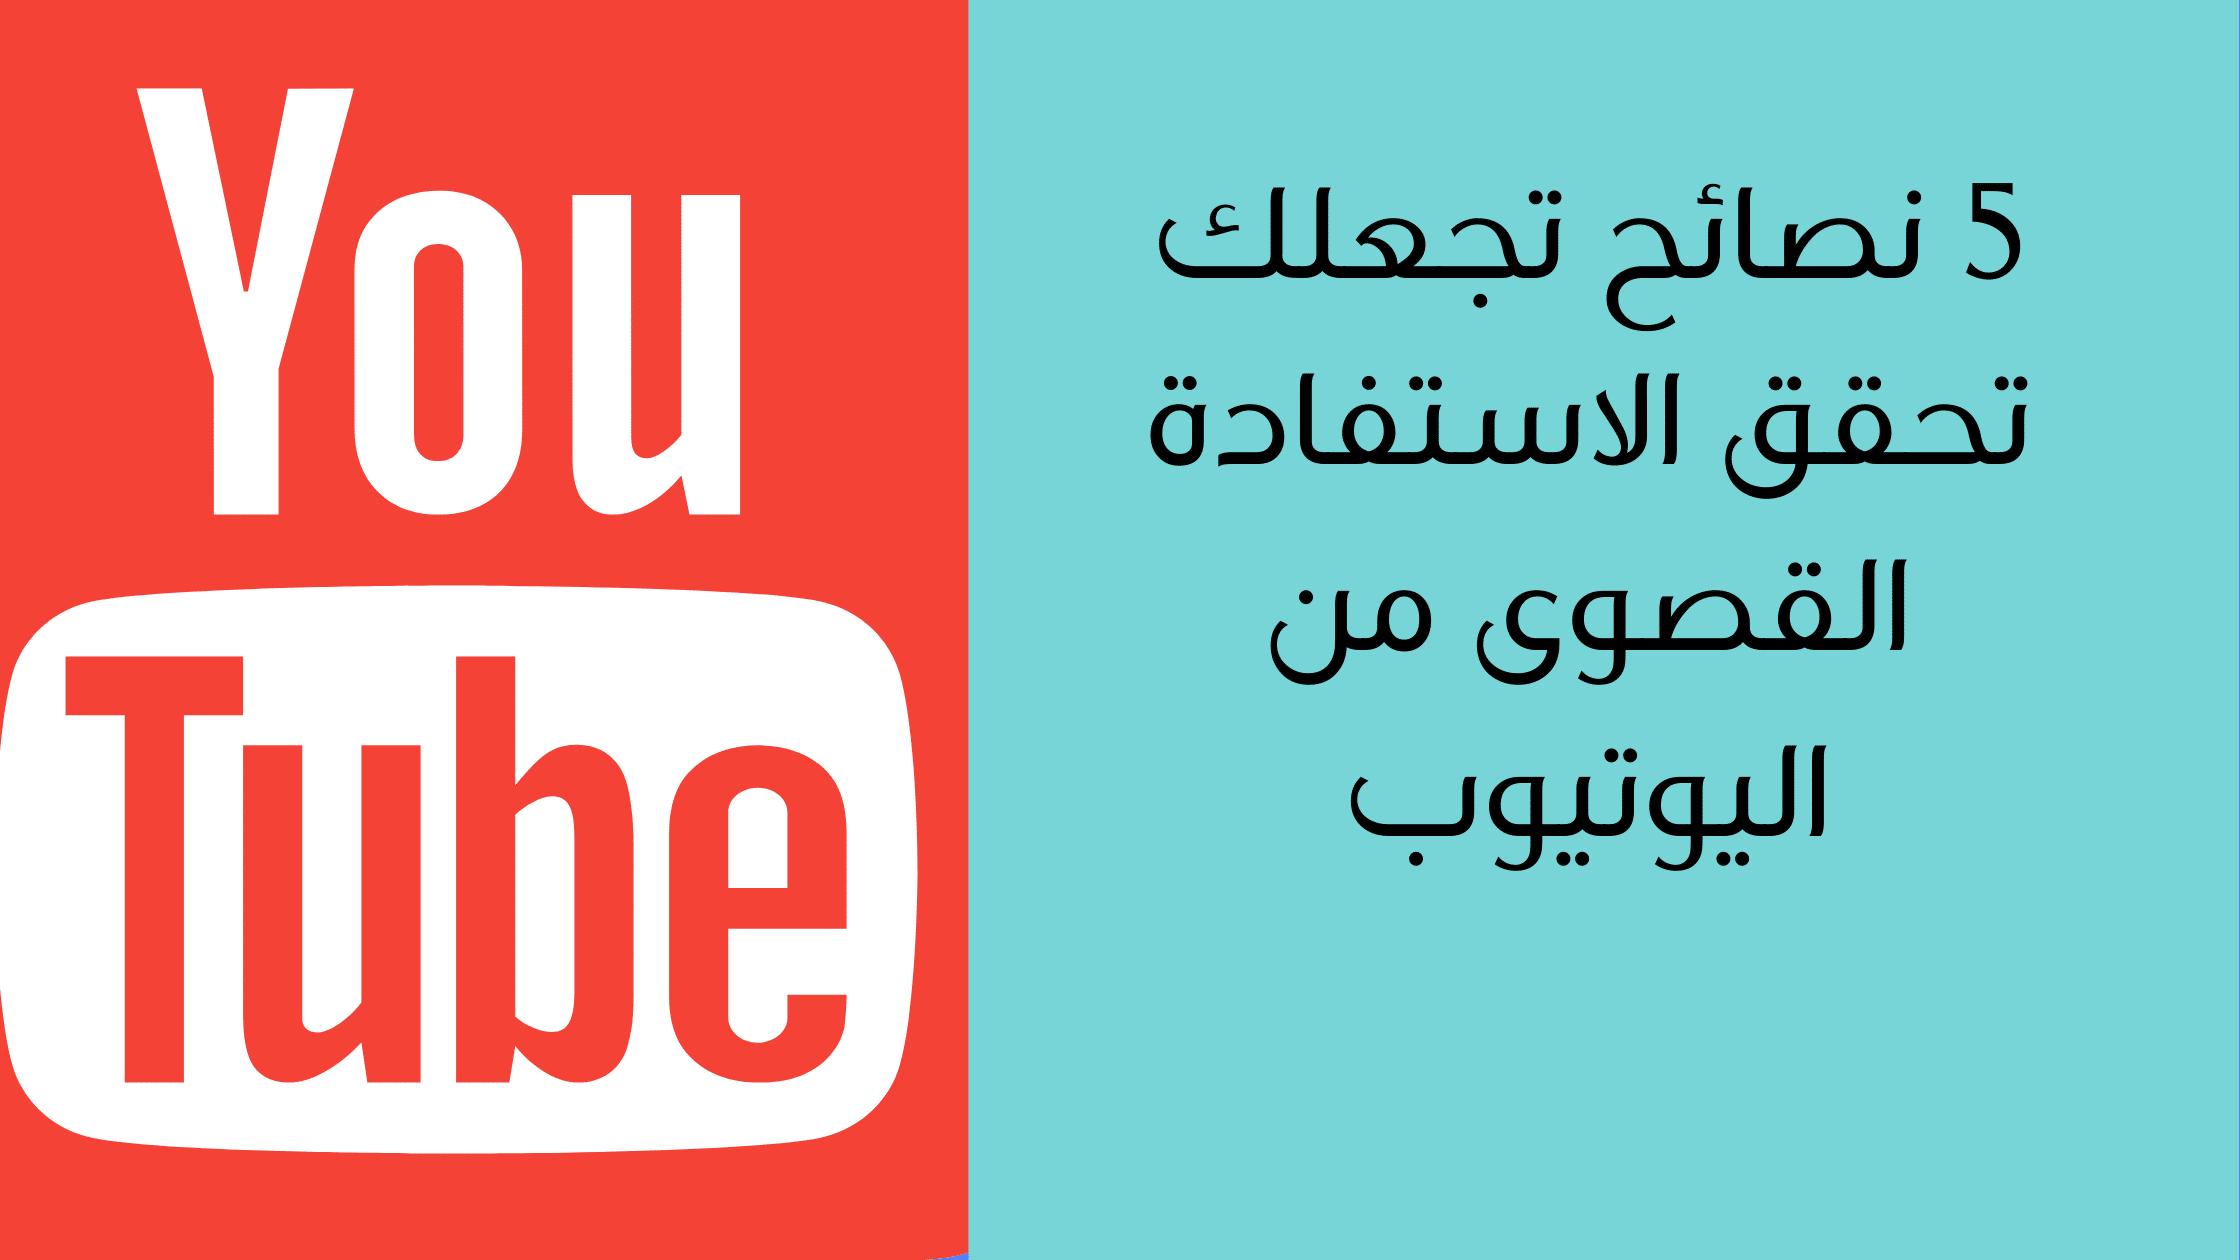 5 نصائح تجعلك تحقق الاستفادة القصوى من البحث في اليوتيوب